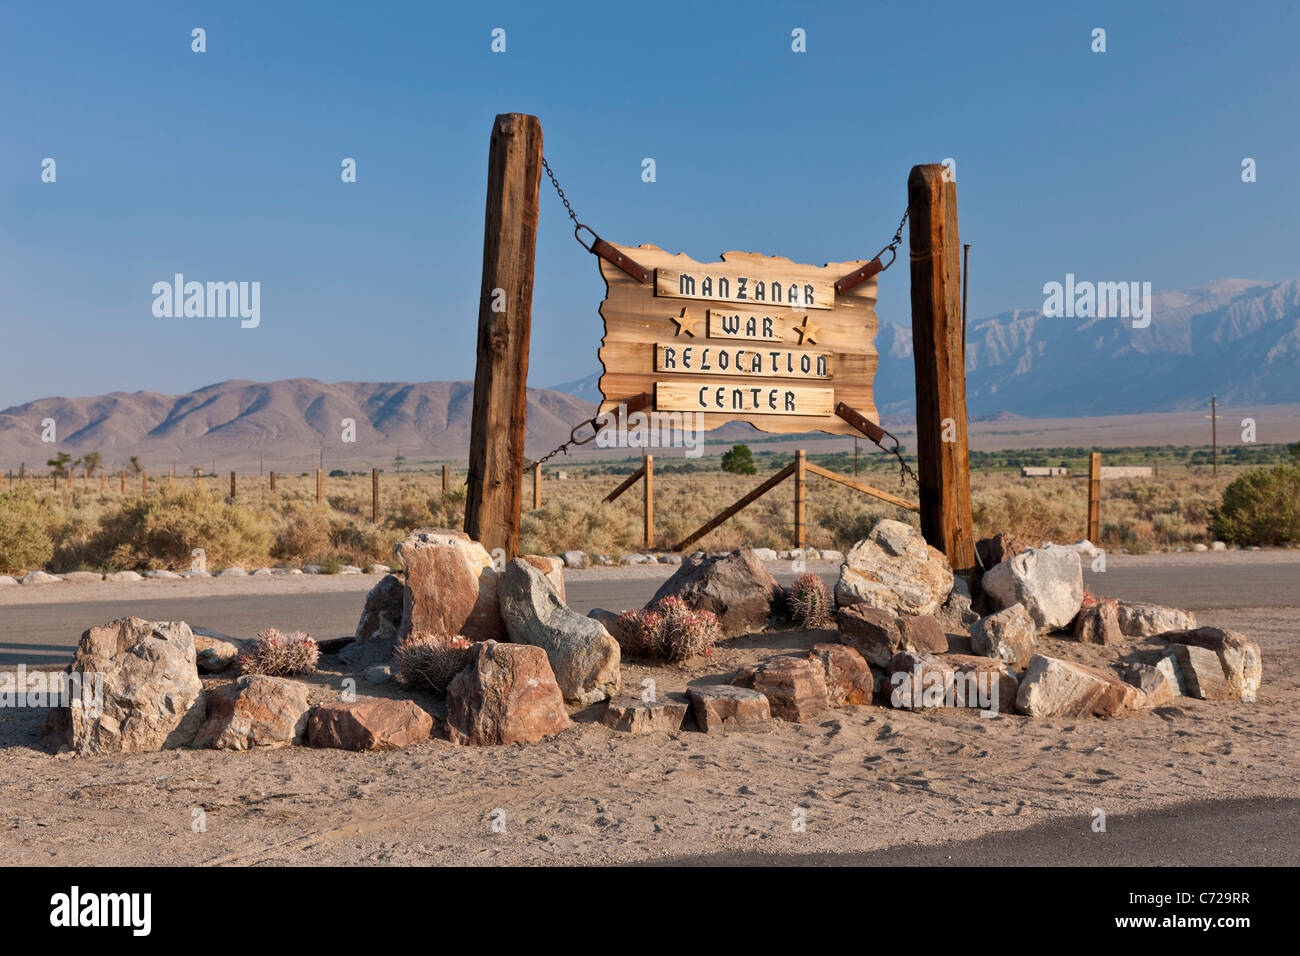 Melden Sie sich am Eingang zum Manzanar War Relocation Center, Unabhängigkeit, Kalifornien, USA. JMH5301 Stockbild